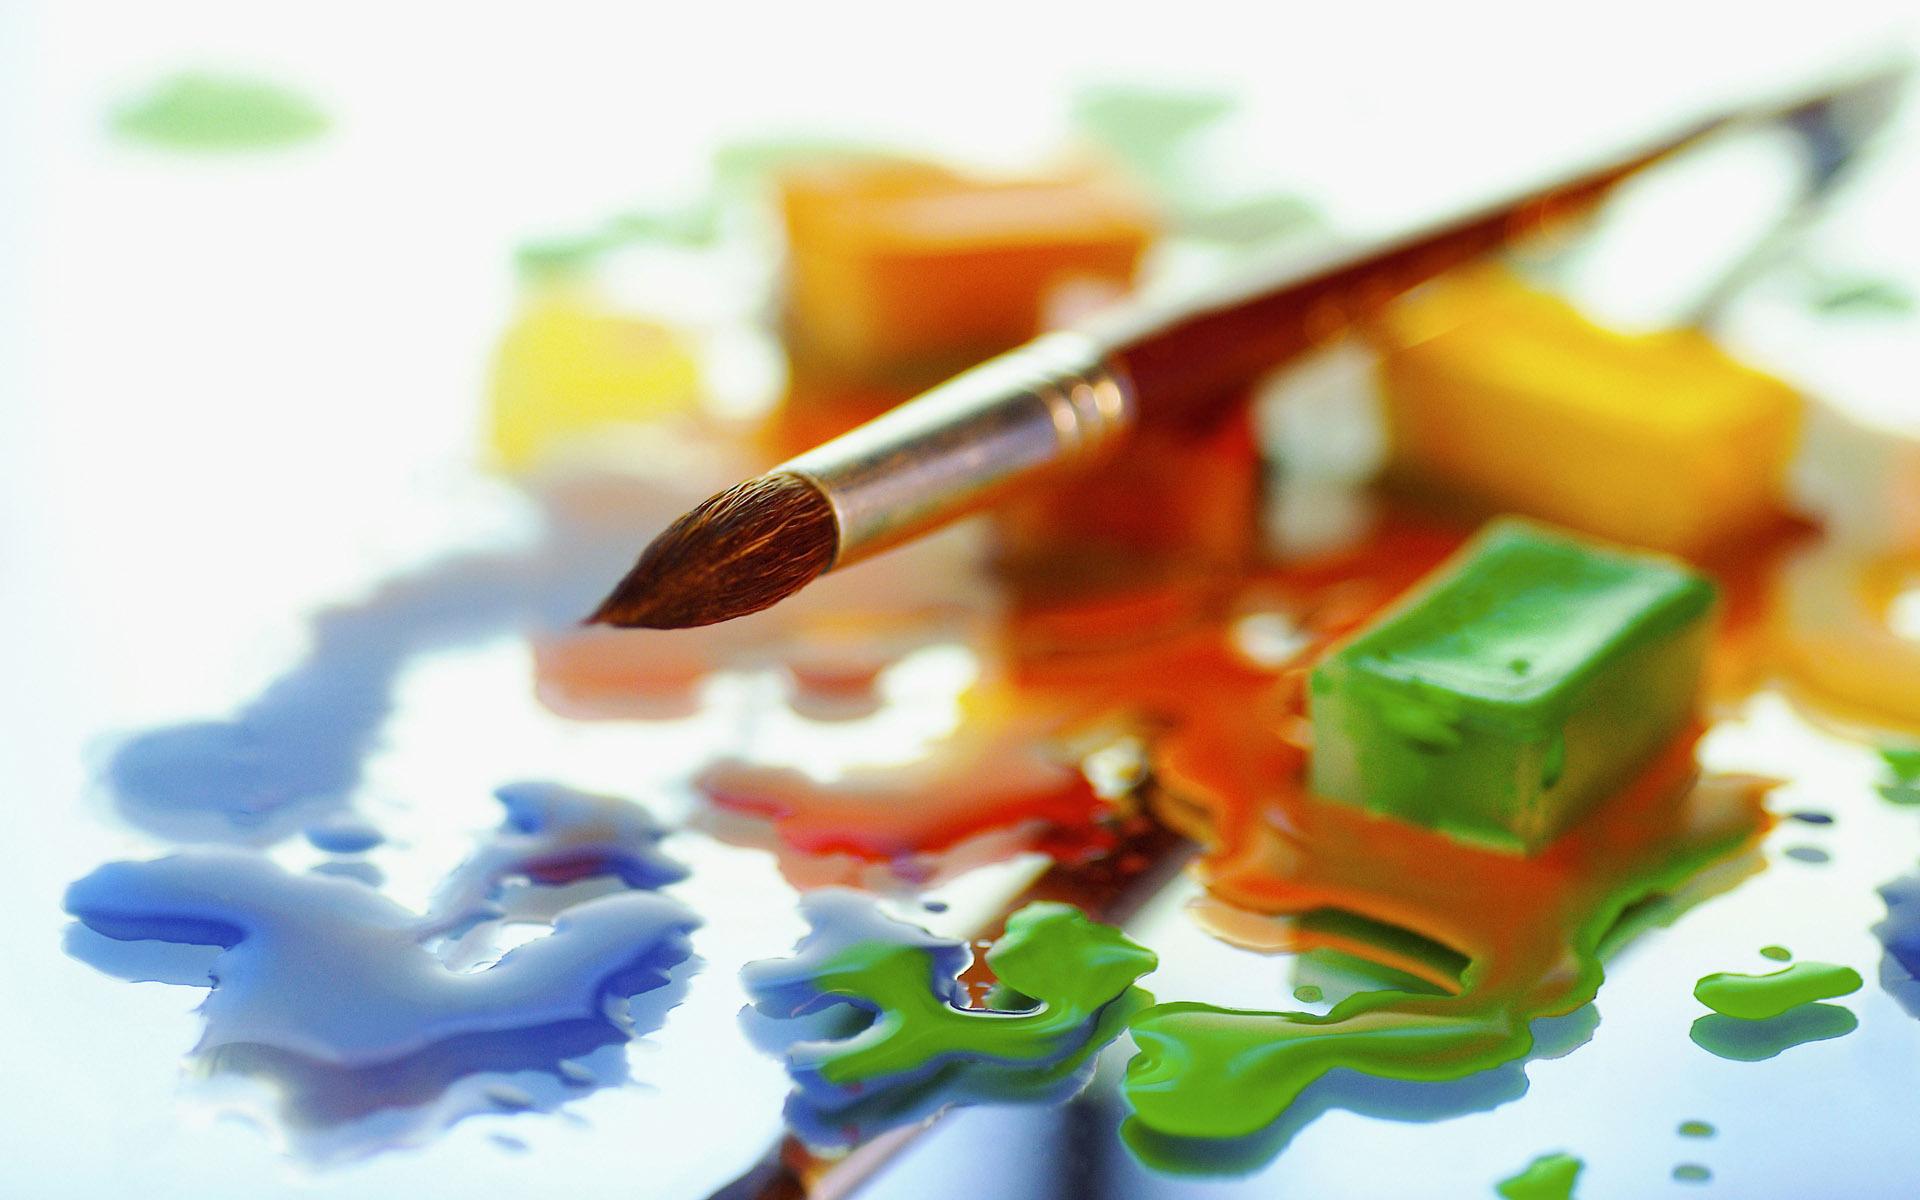 всего, если кисточки и краски картинки для презентации всё это